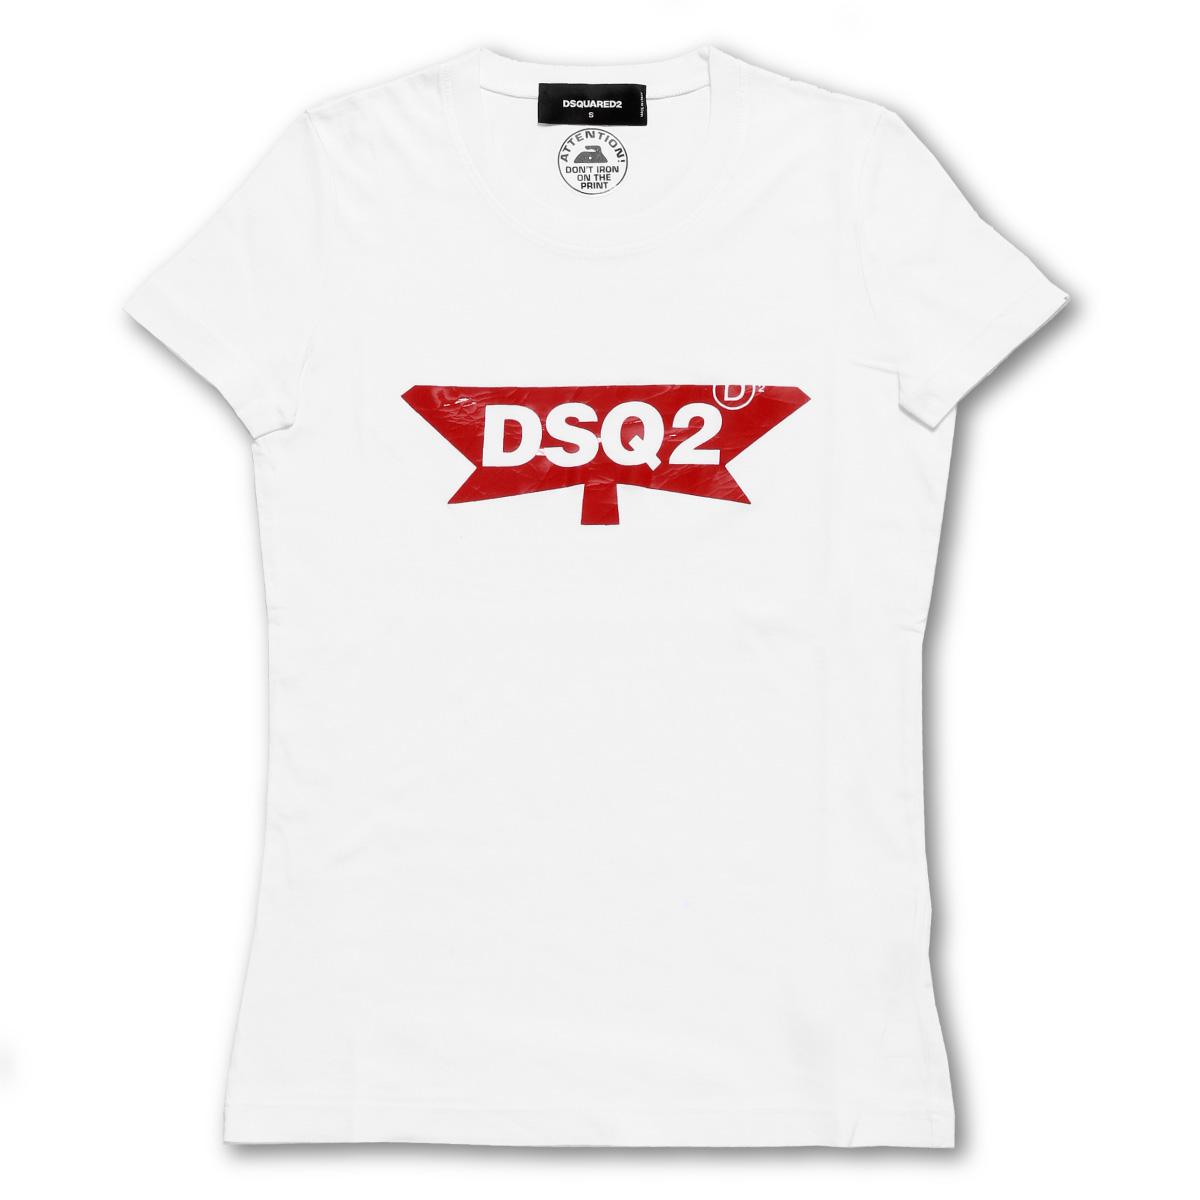 ディースクエアード DSQUARED 2 Tシャツ レディース S75GC0910 S22427 100 半袖Tシャツ WHITE ホワイト